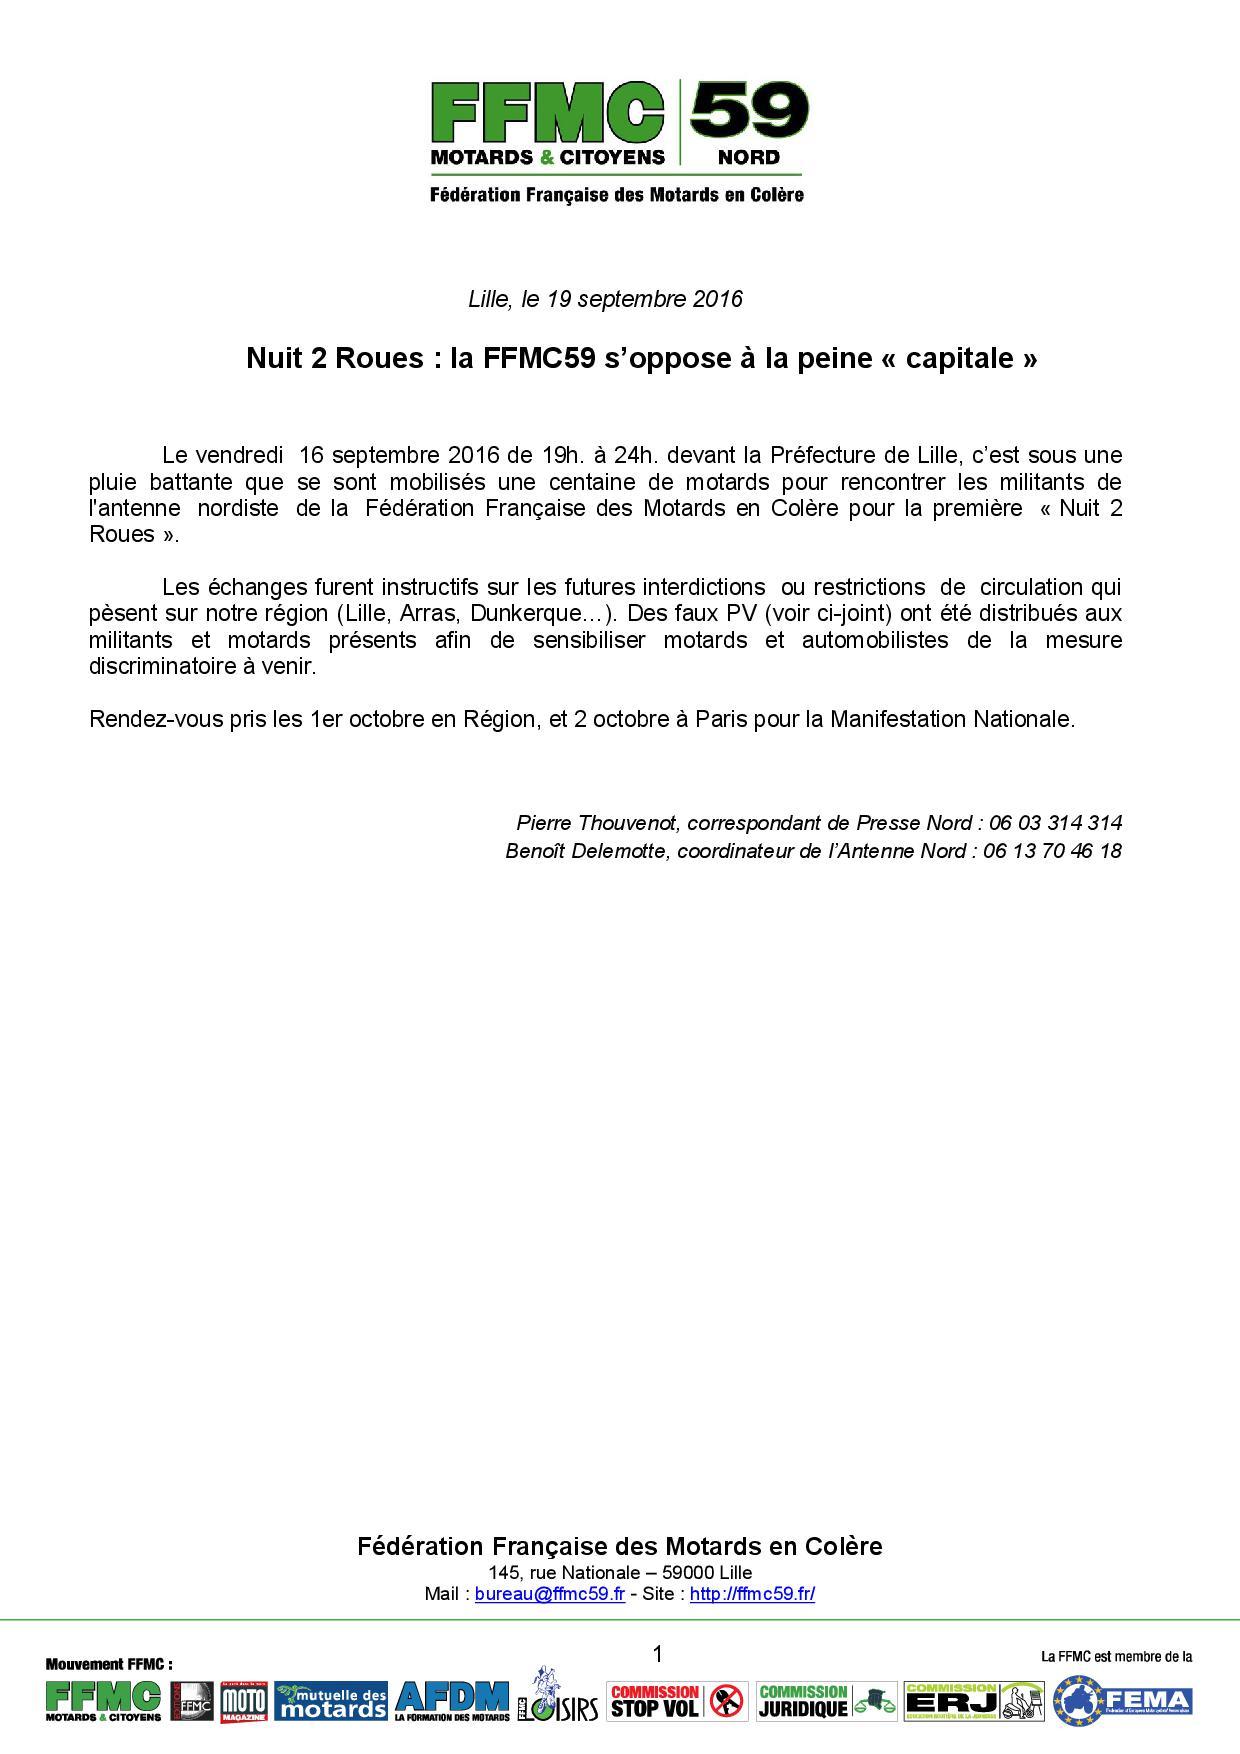 FFMC59_1er Octobre 2016_Communiqué de Presse FFMC59 Nuit 2 Roues Lille